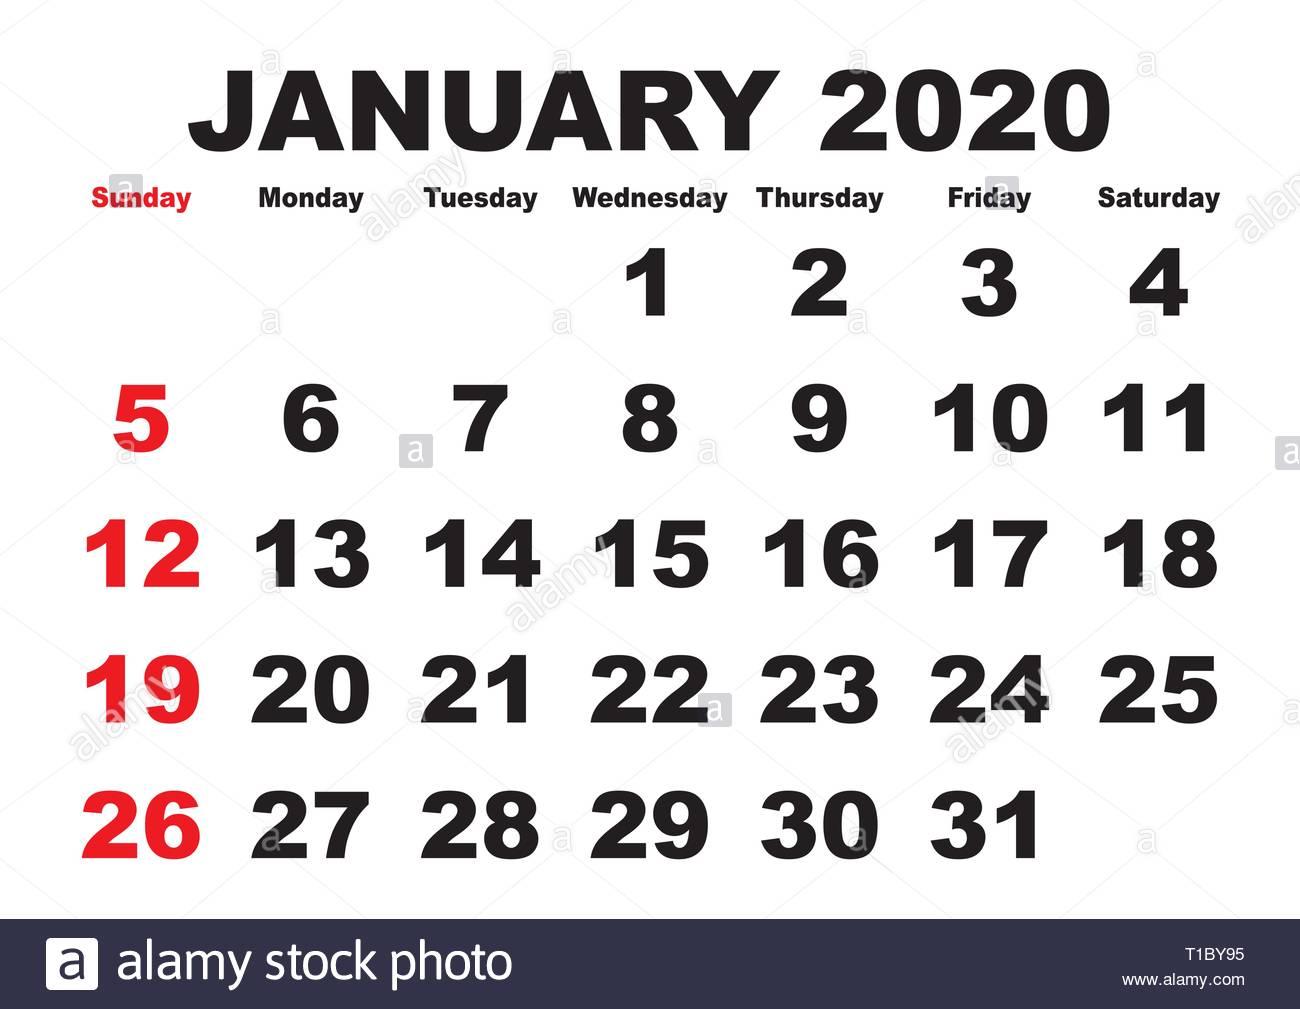 Calendario Gennaio 2020.2020 Calendario Mese Di Gennaio Vettore Calendario